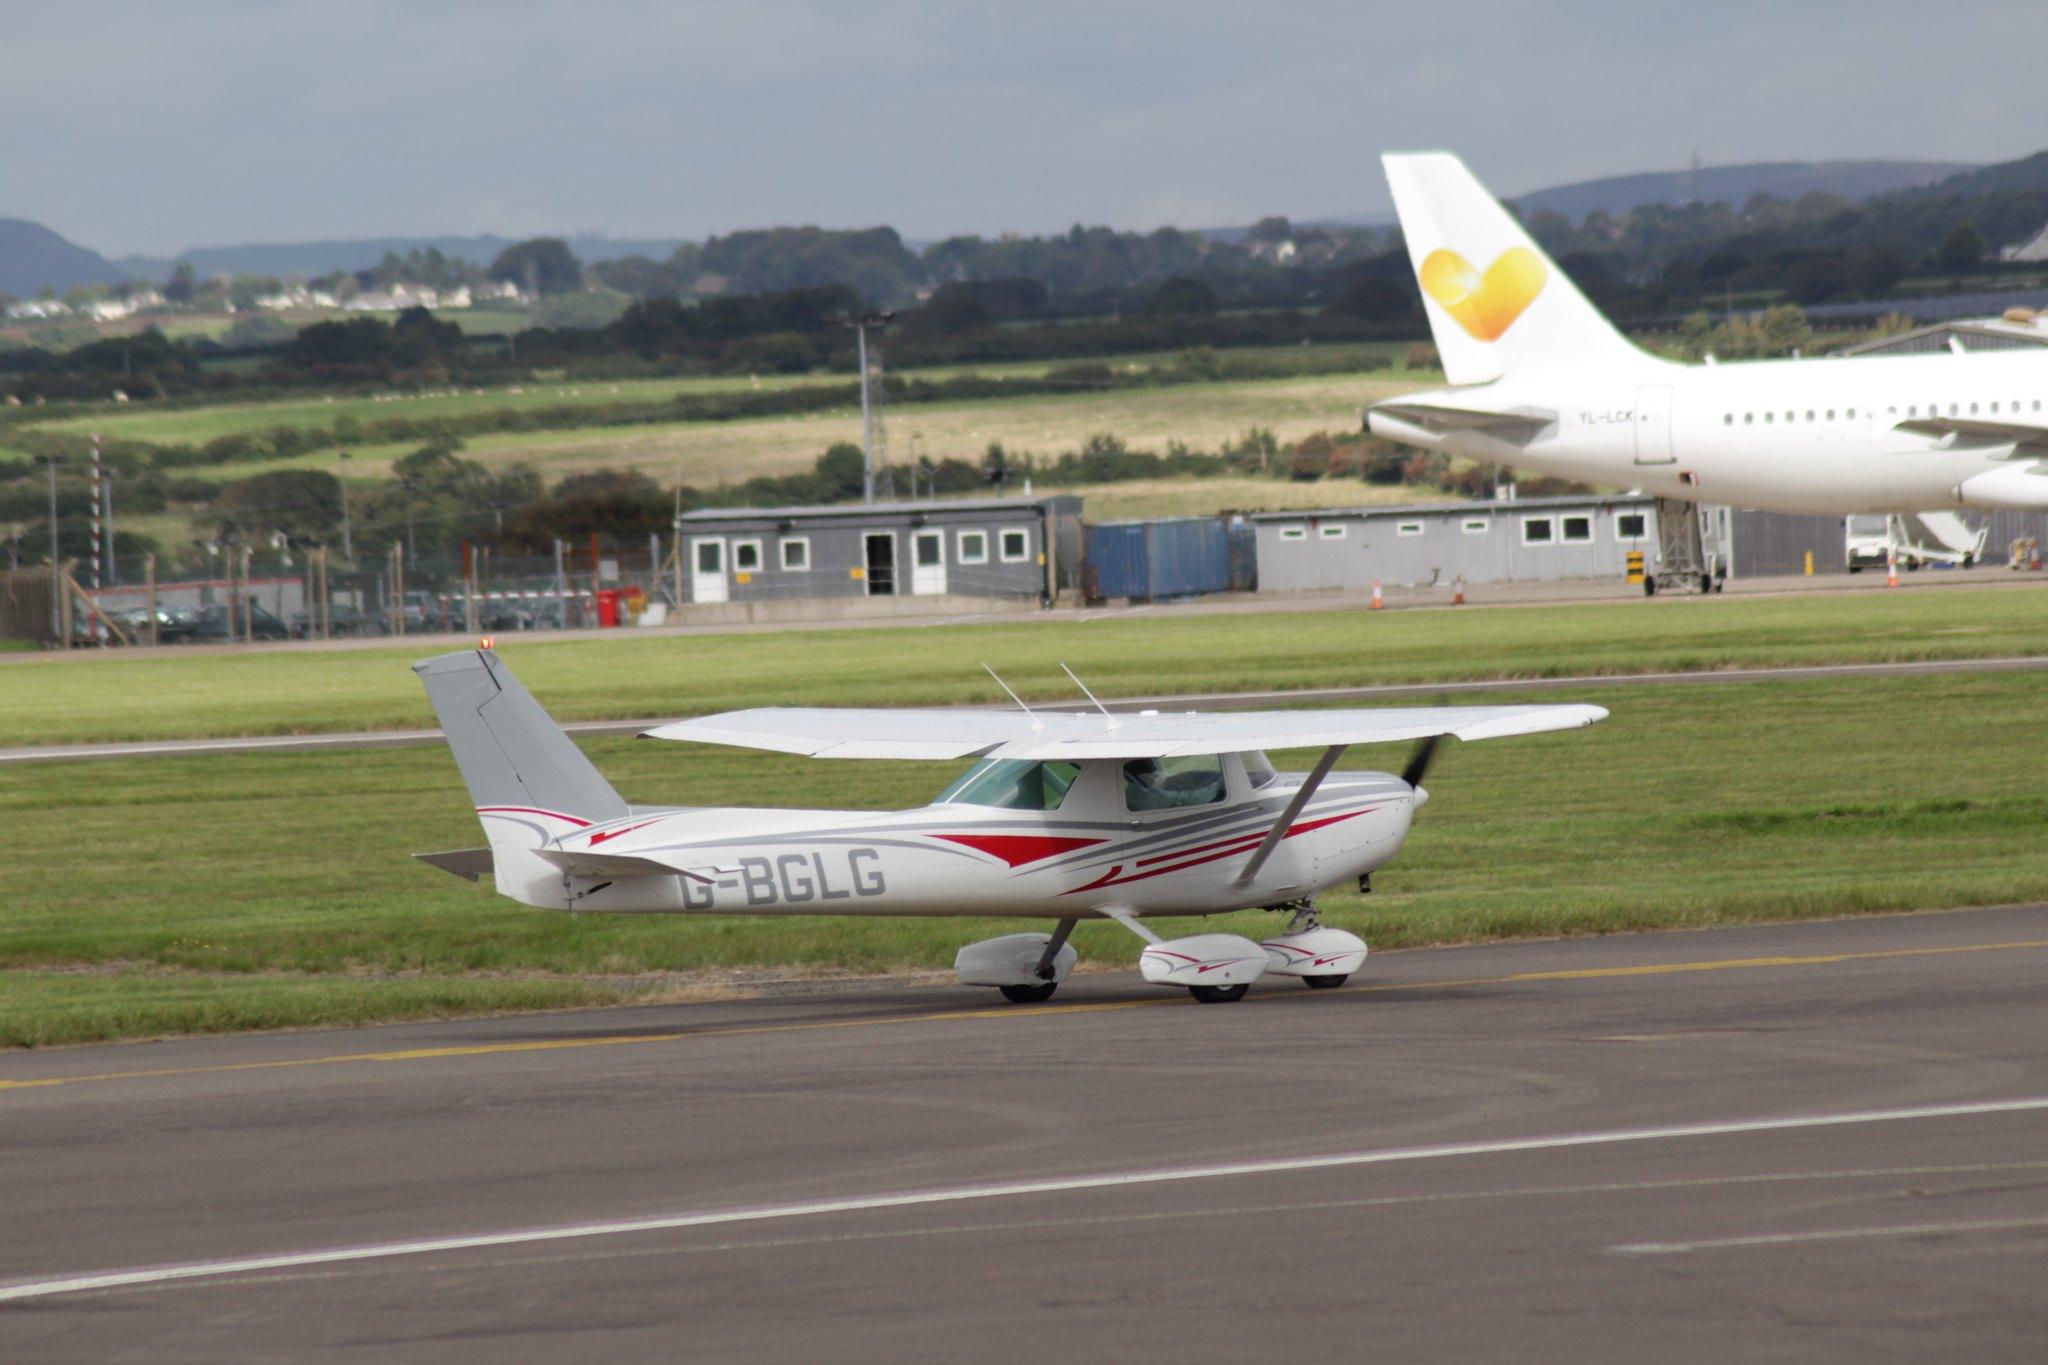 Cessna 152 G-BGLG 16SEP16